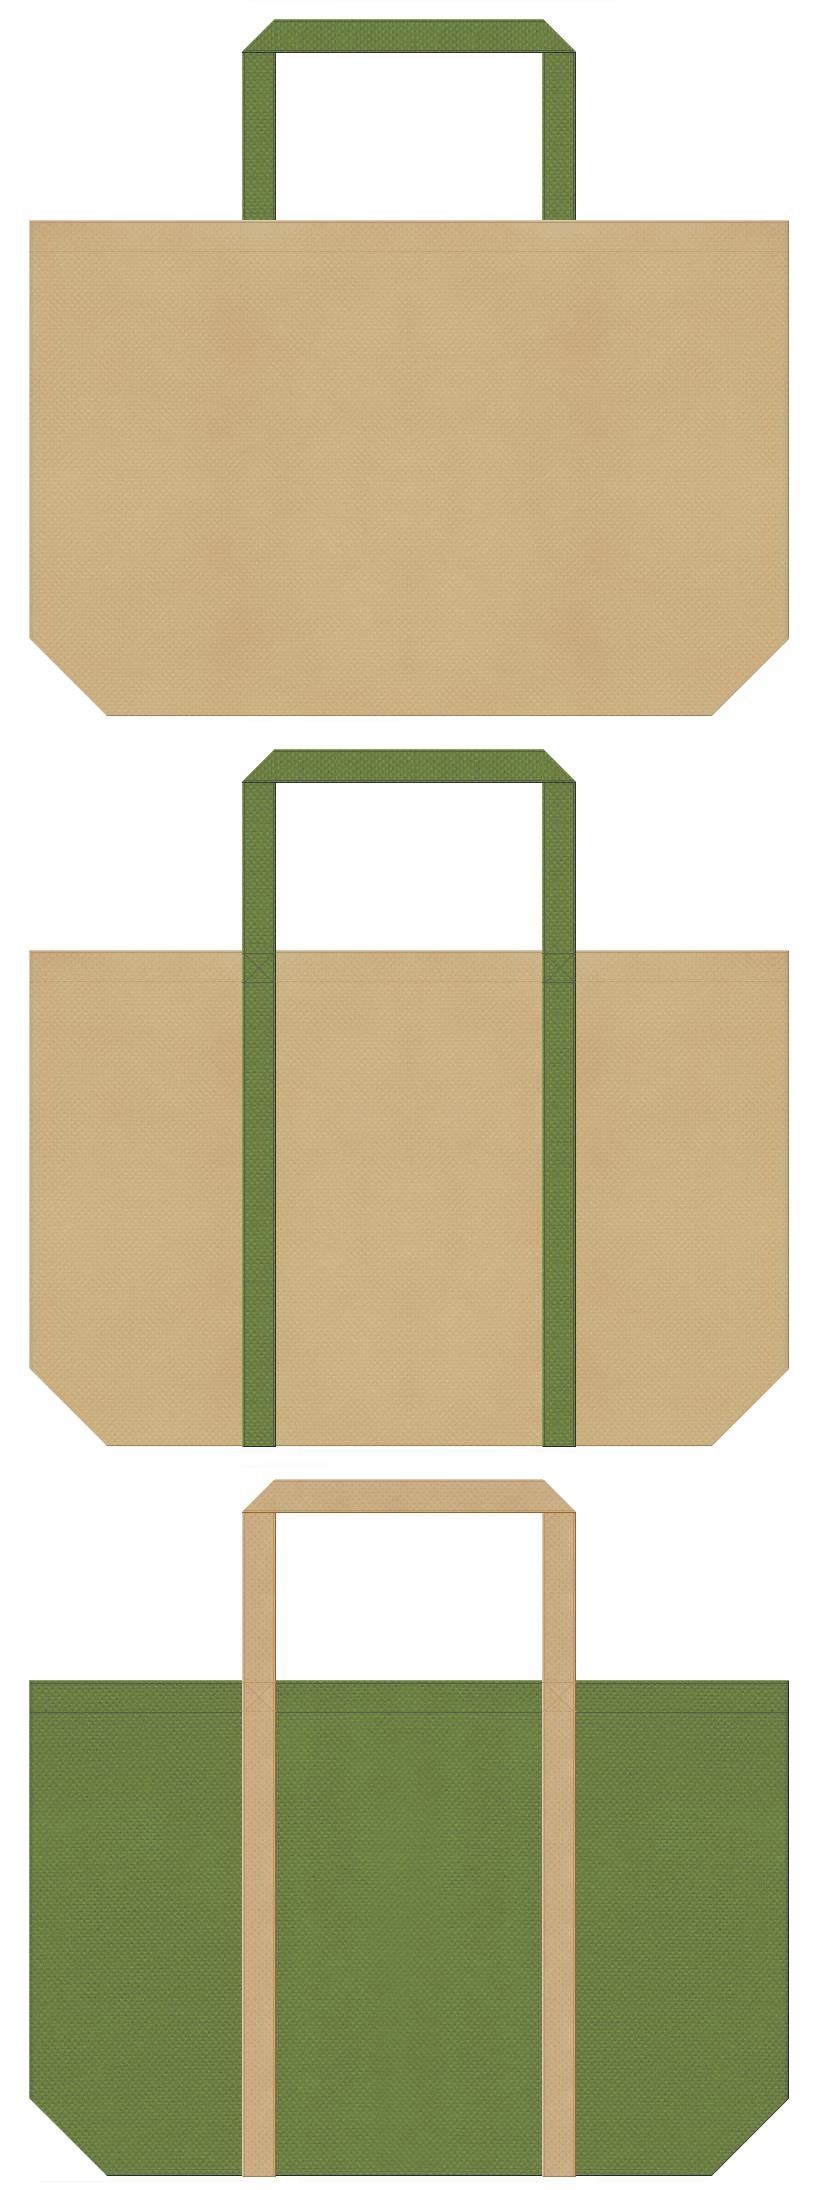 カーキ色と草色の不織布バッグデザイン。旅館のアメニティ、竹製品・民芸品・画材のショッピングバッグにお奨めです。